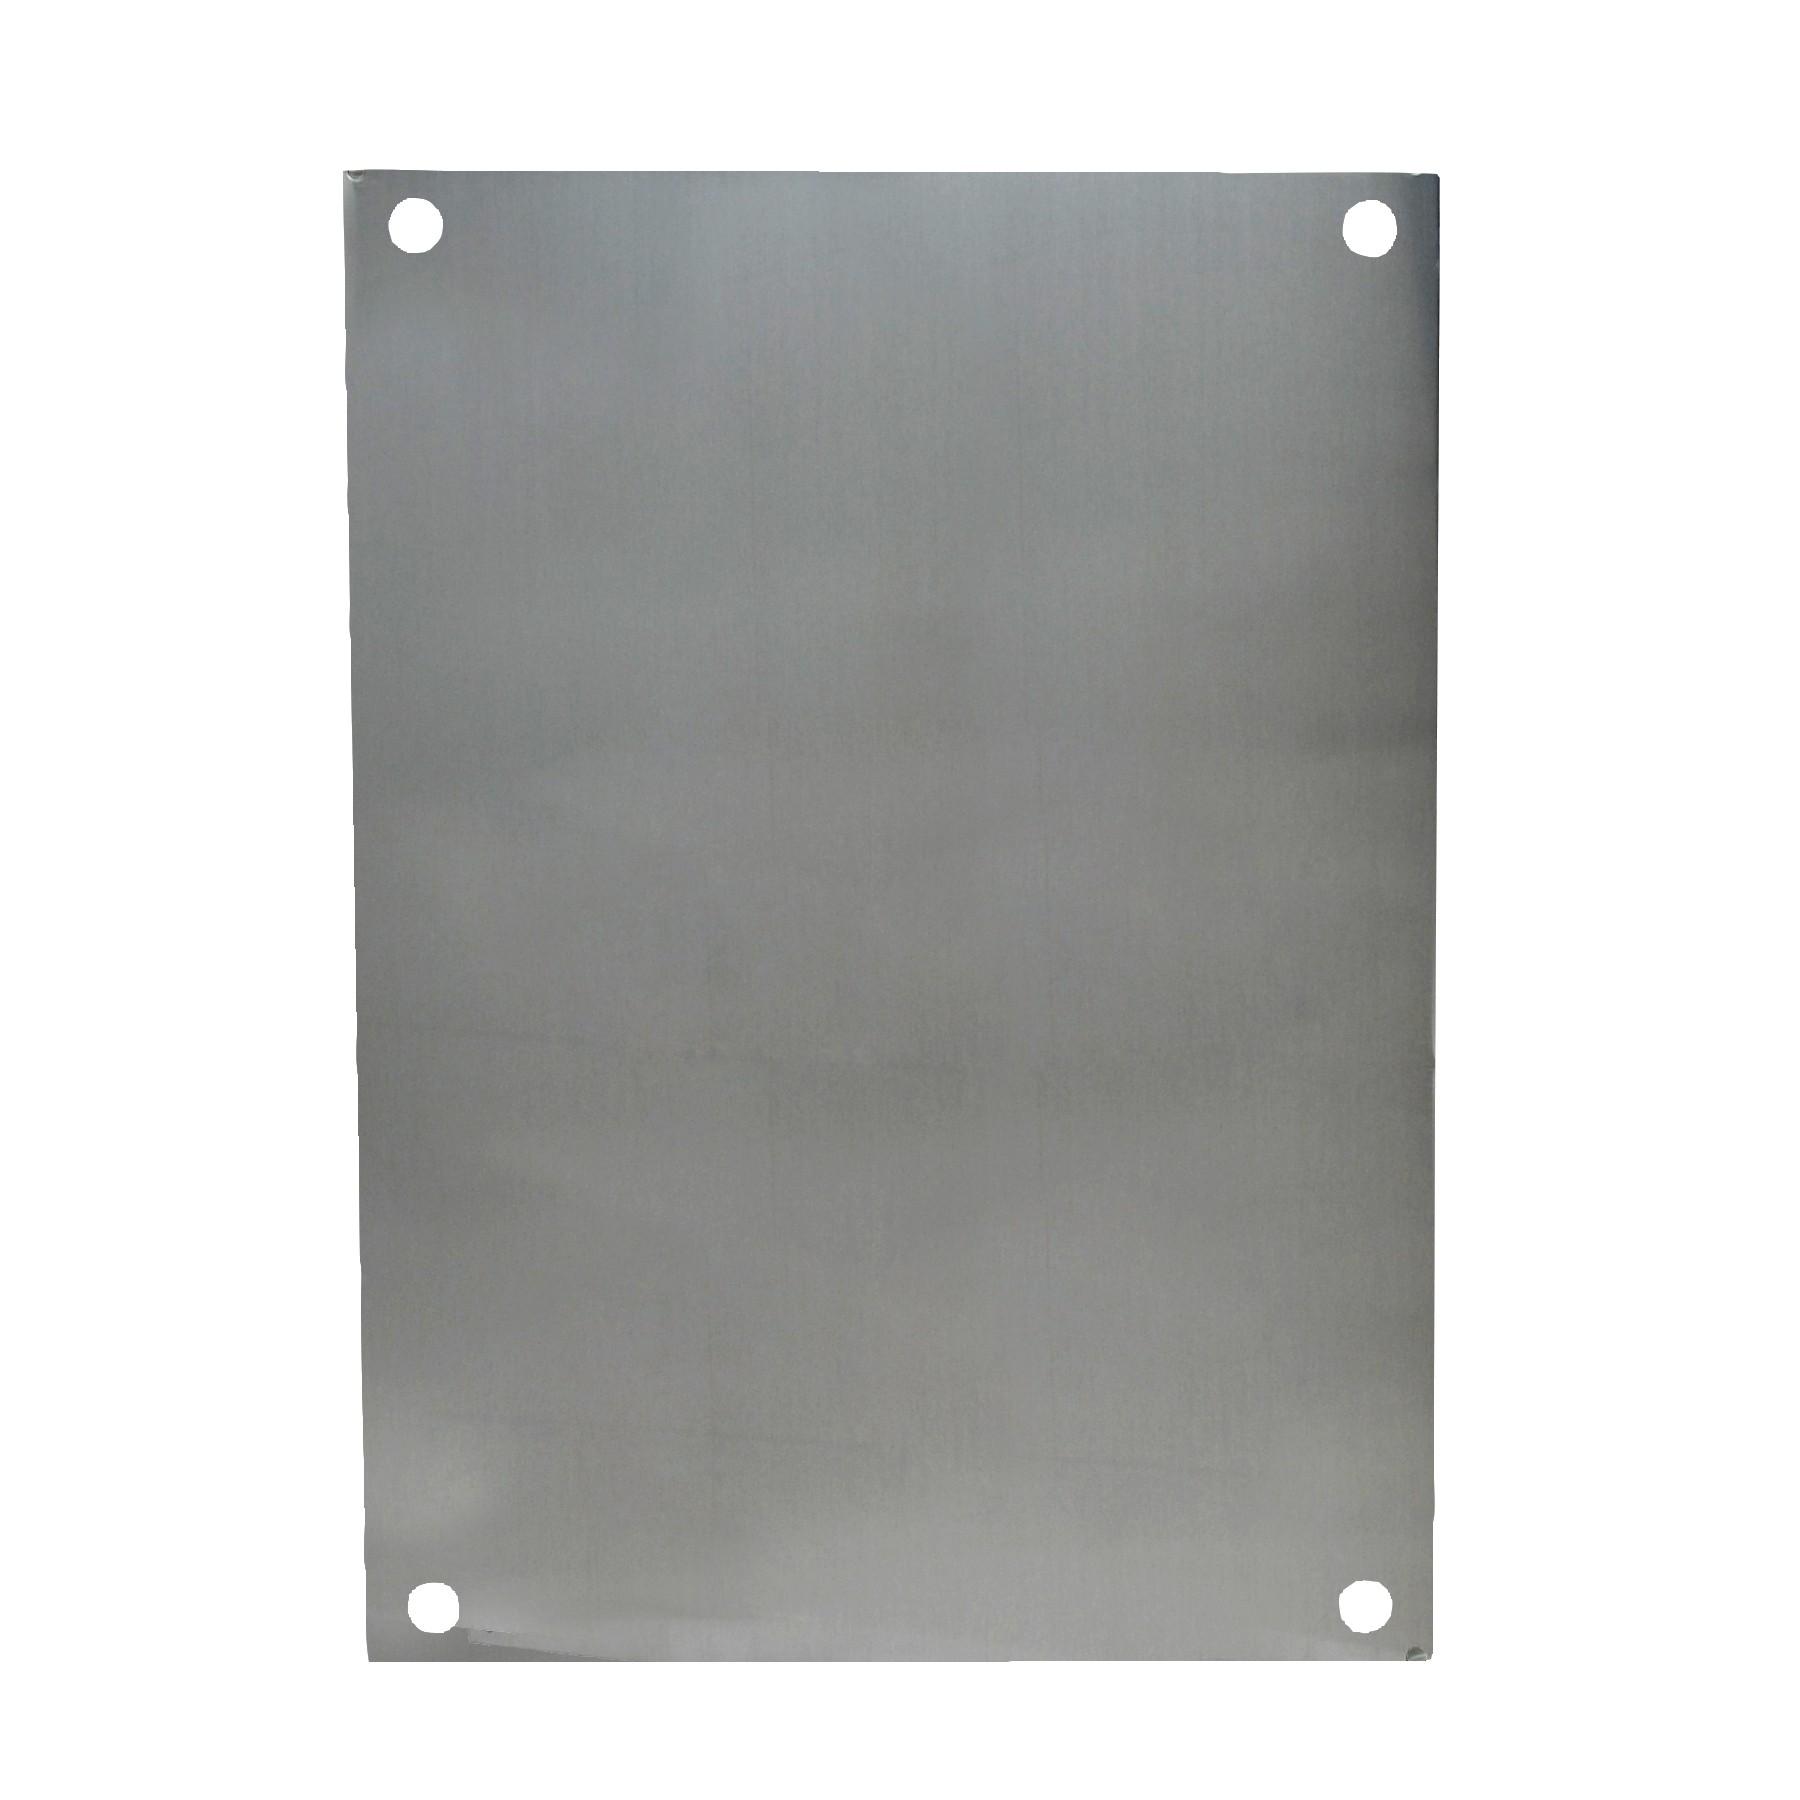 PA86 - Aluminum Enclosure Back Panel Kit